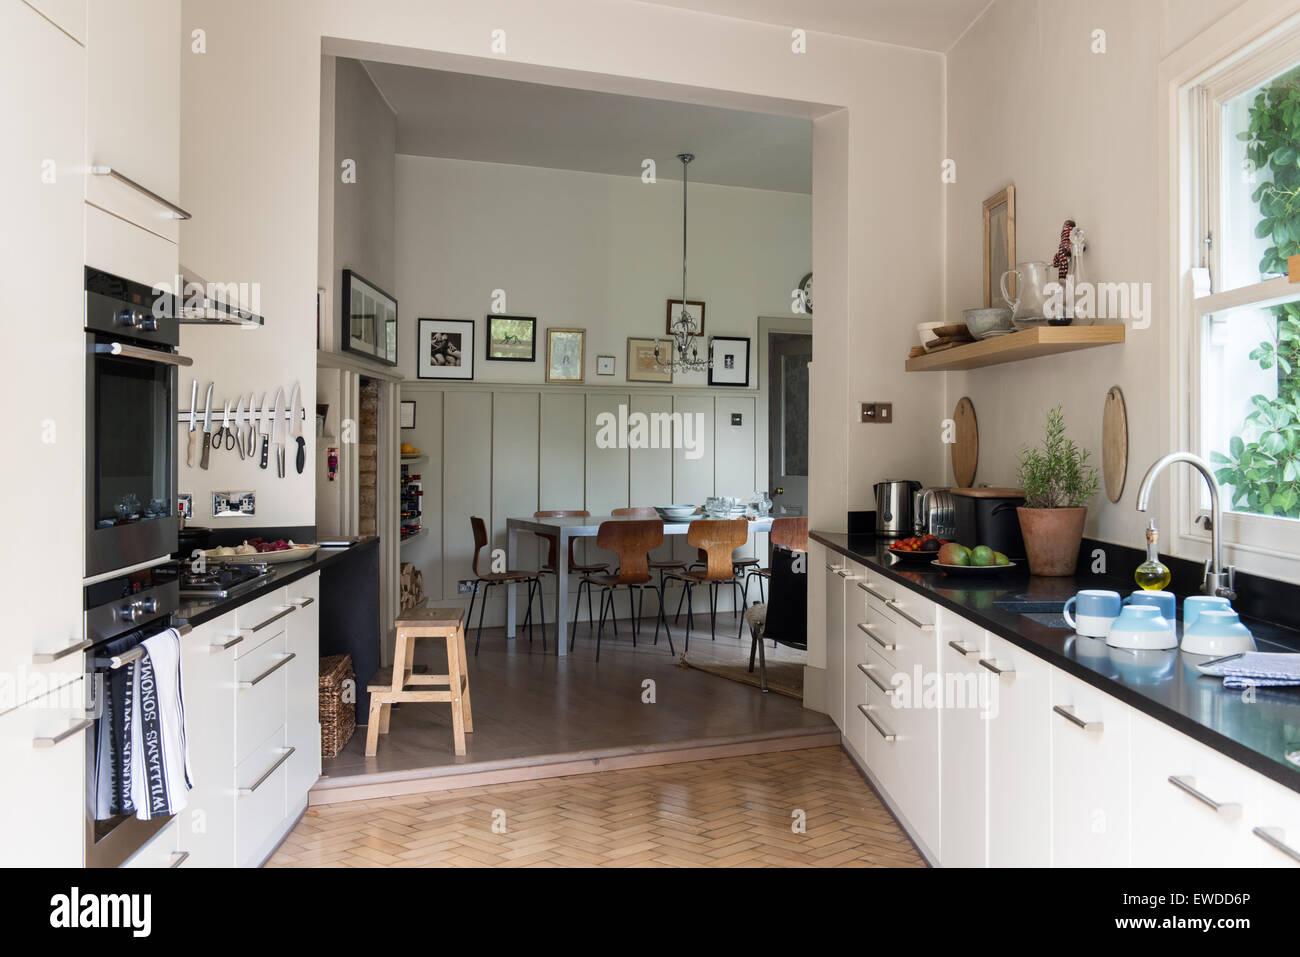 PK sillas alrededor de la mesa en la cocina abierta, comedor con ...